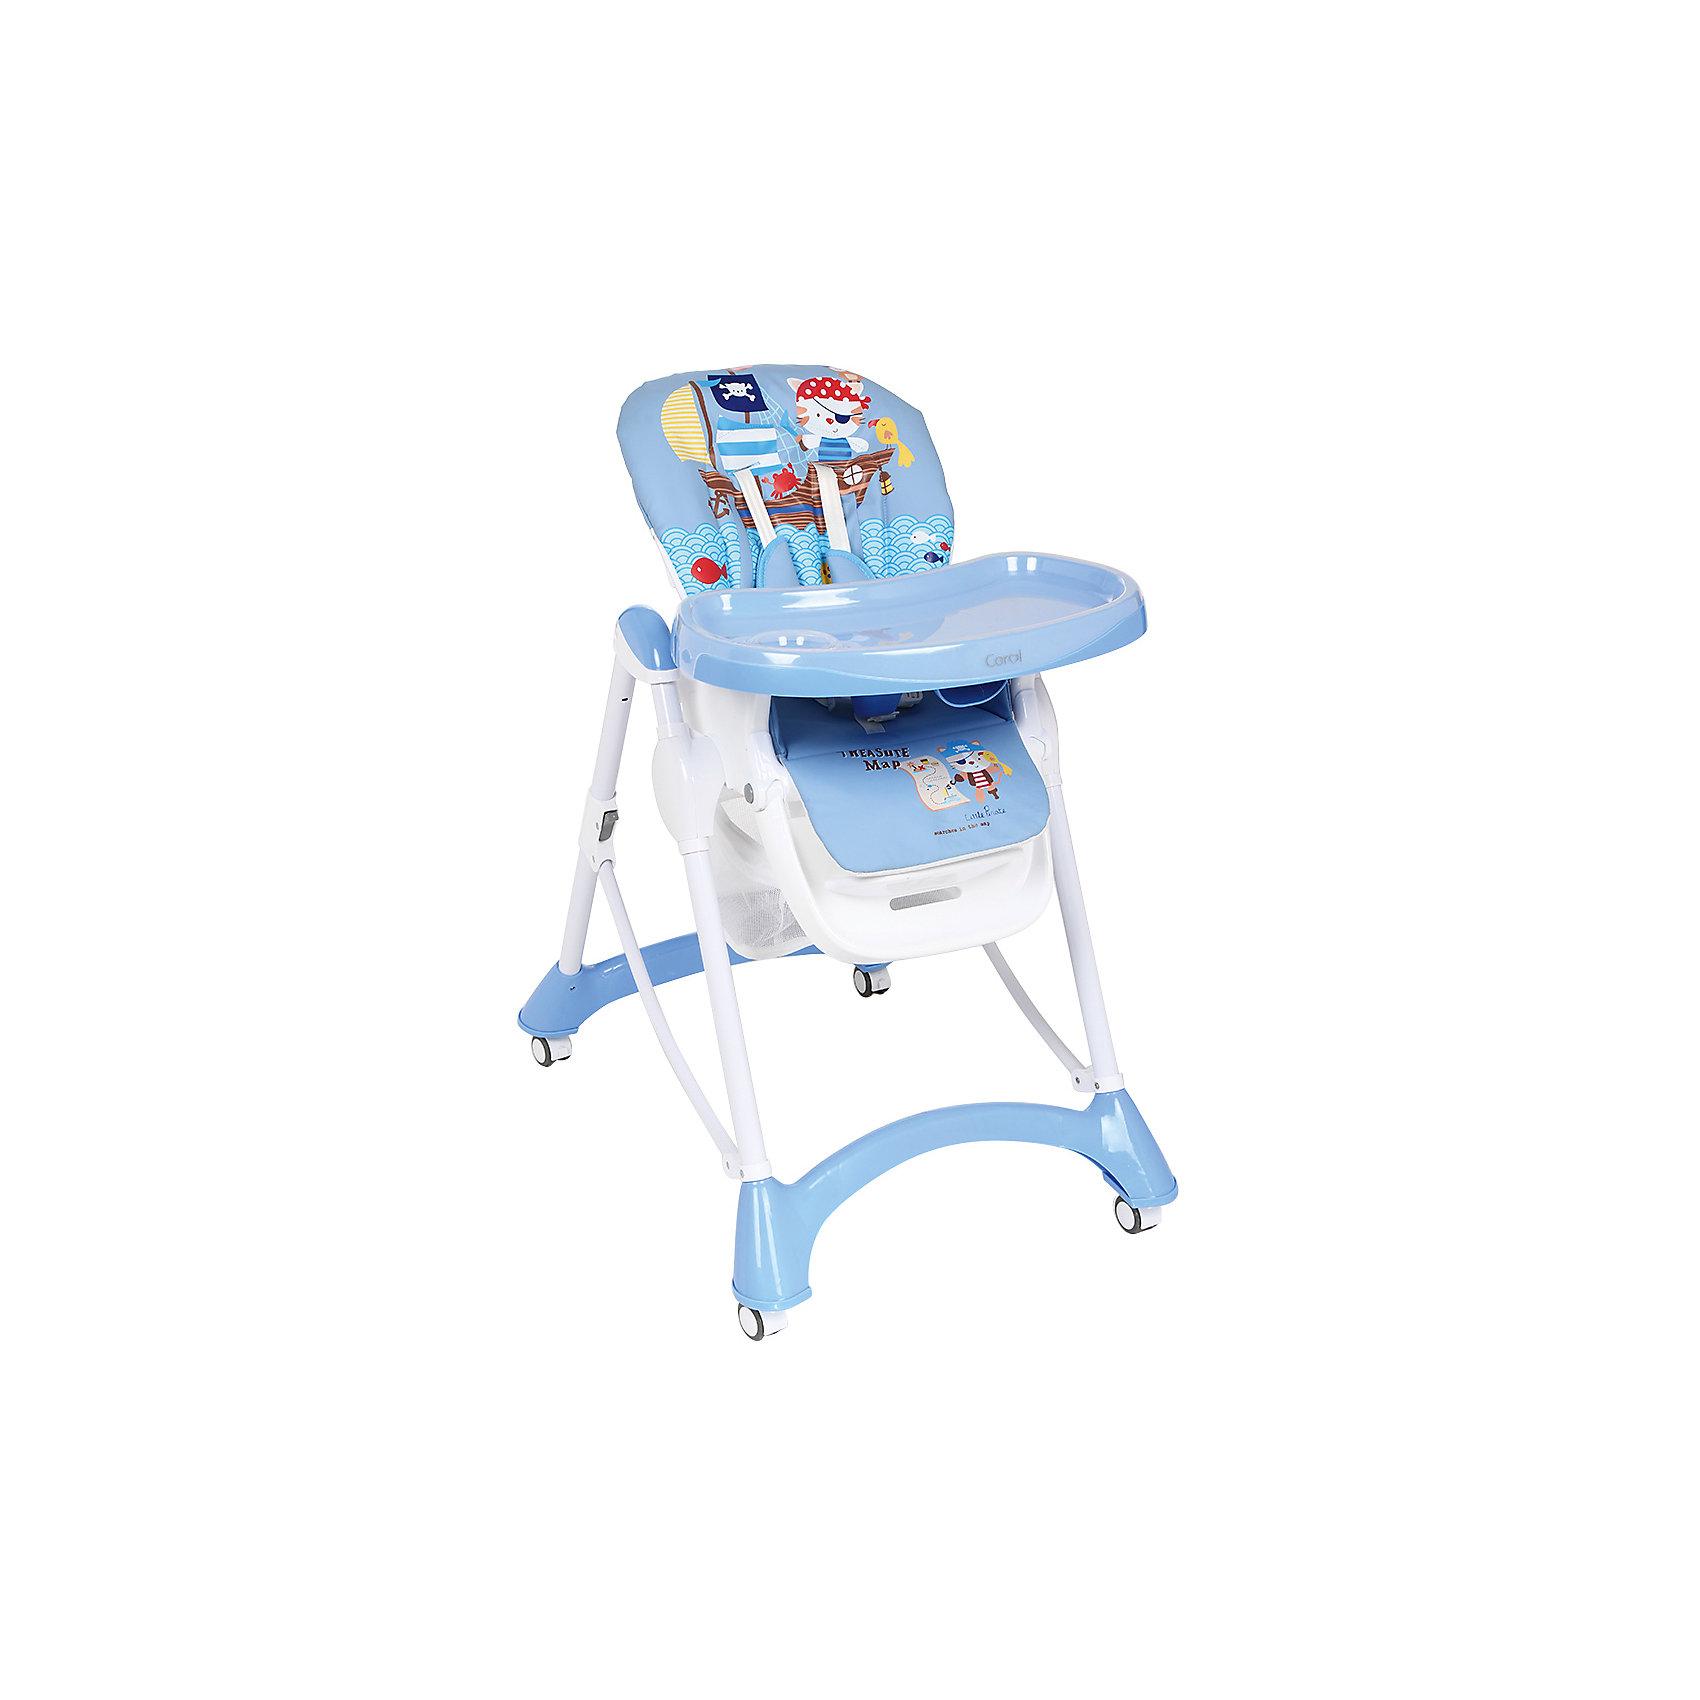 Стульчик для кормления, Corol, синий КОТ-ПИРАТ